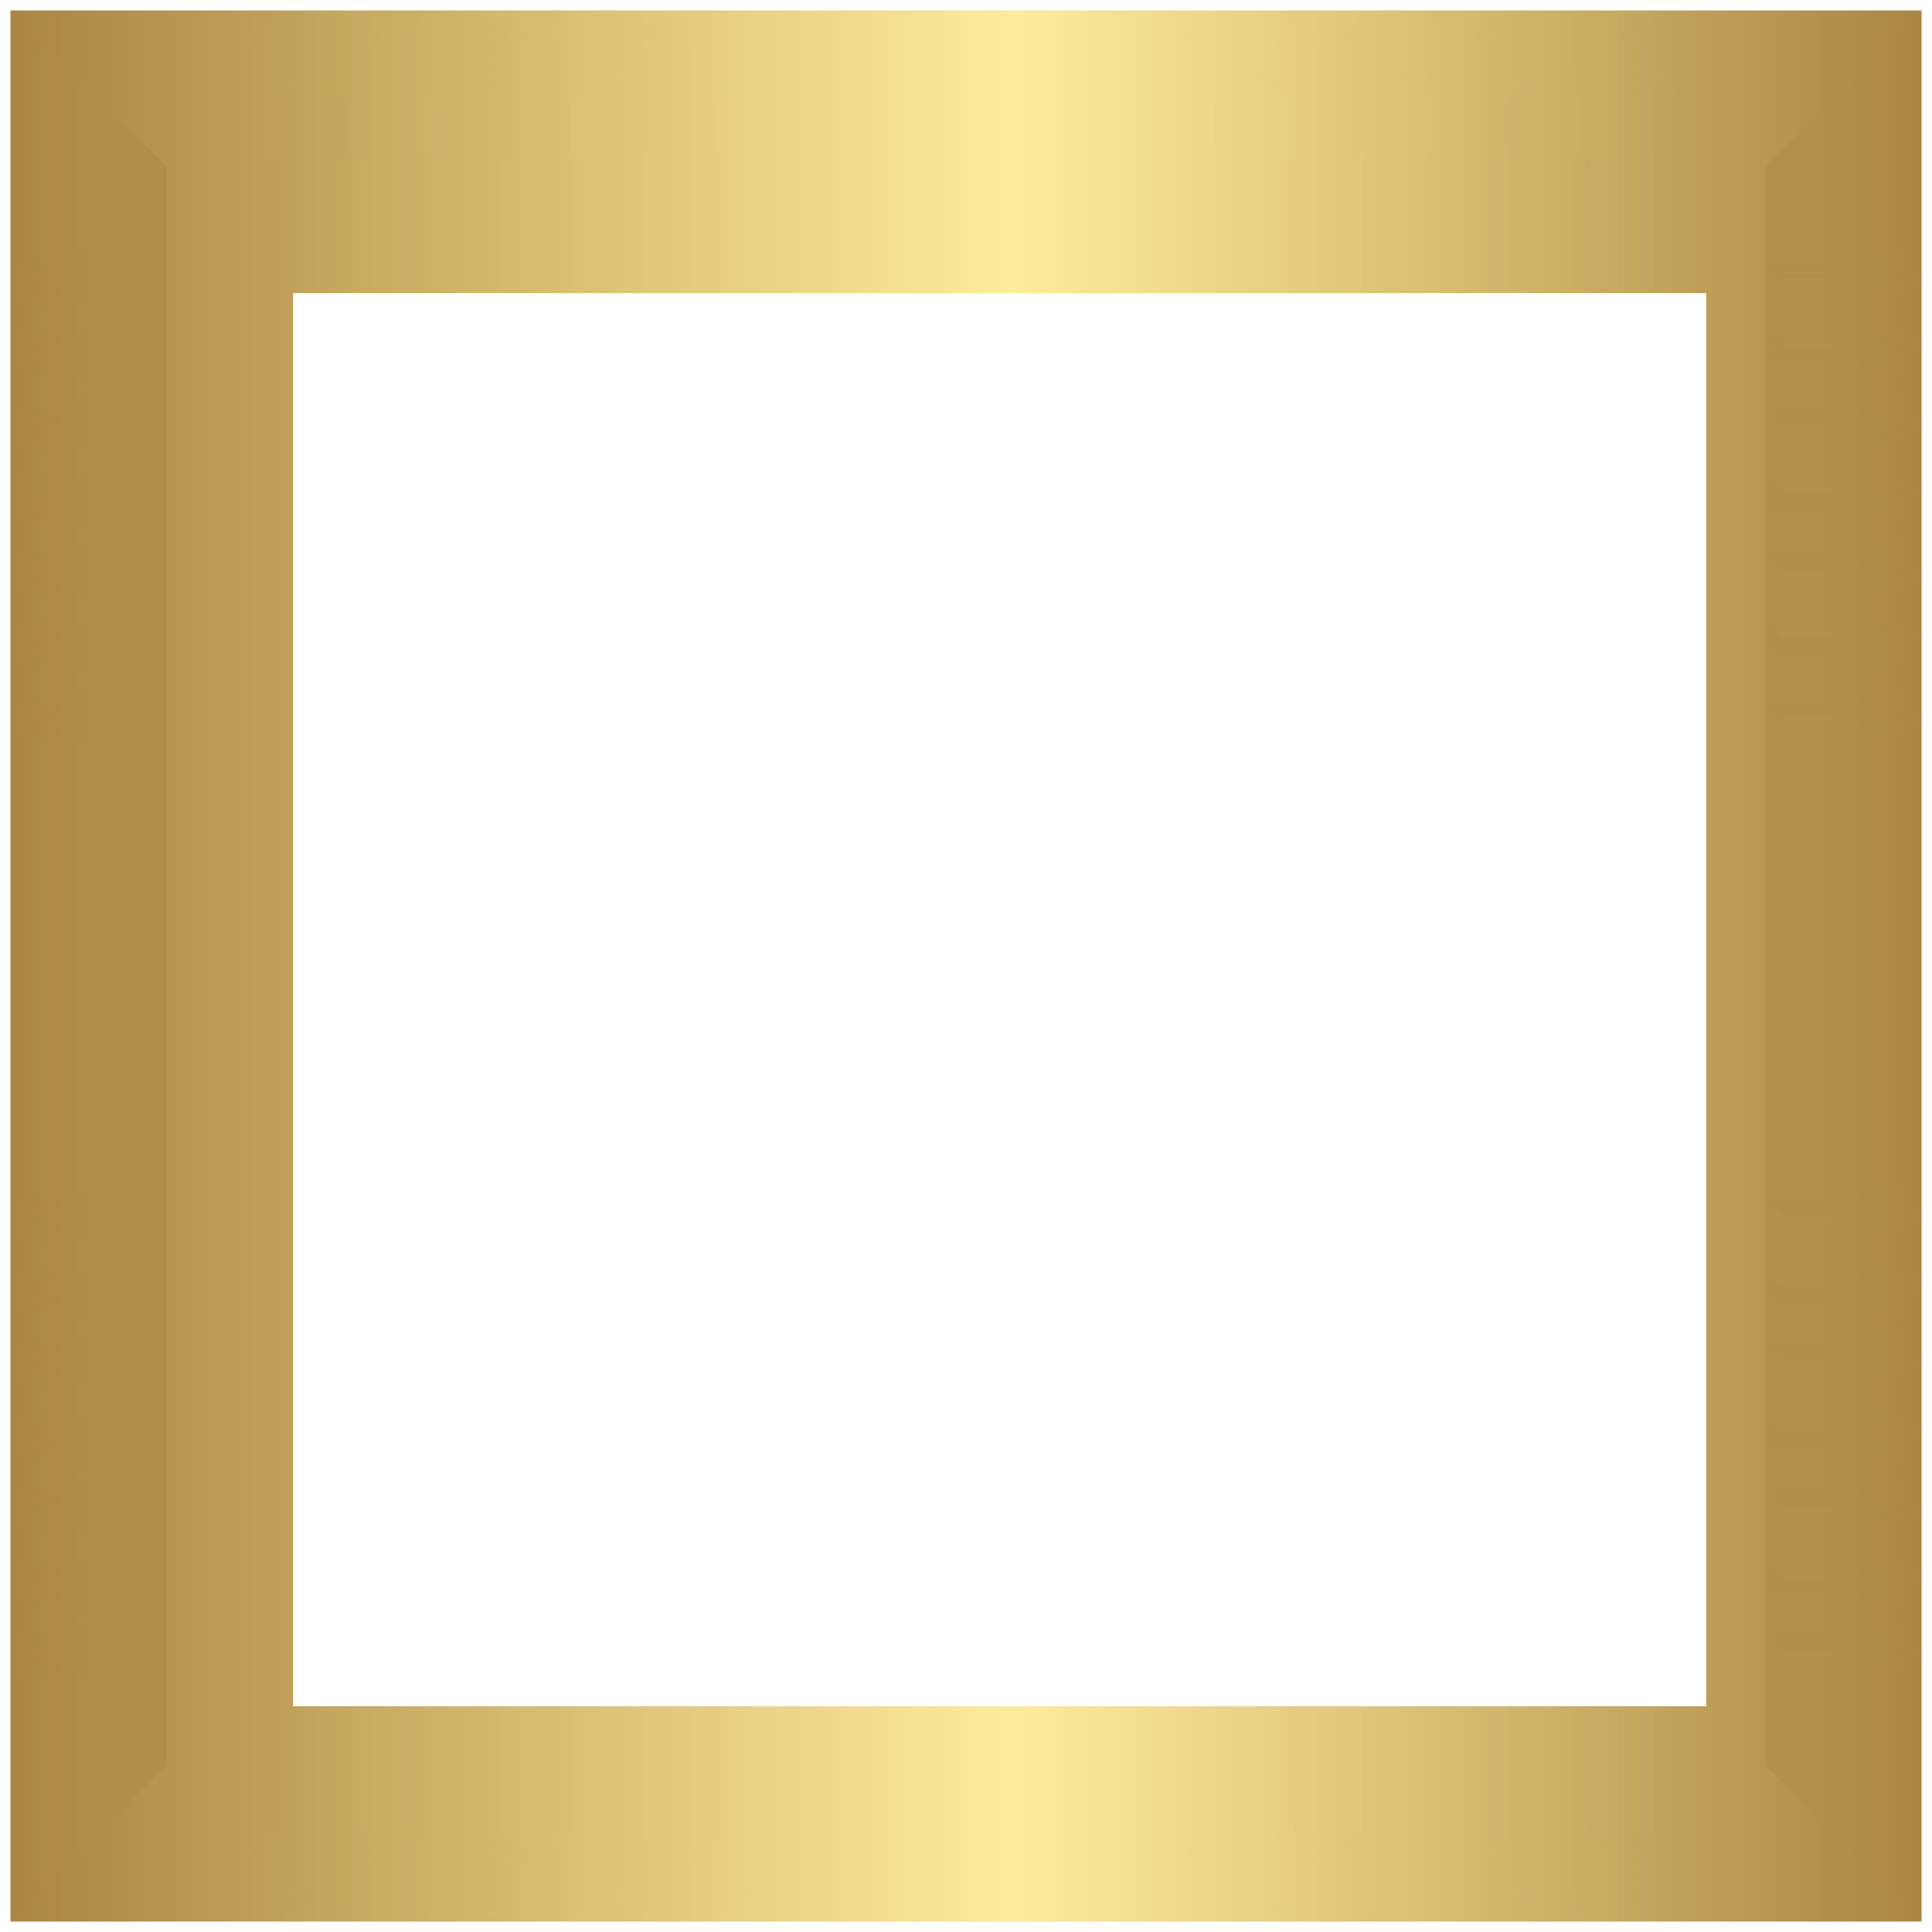 Square border png. Download computer file frame